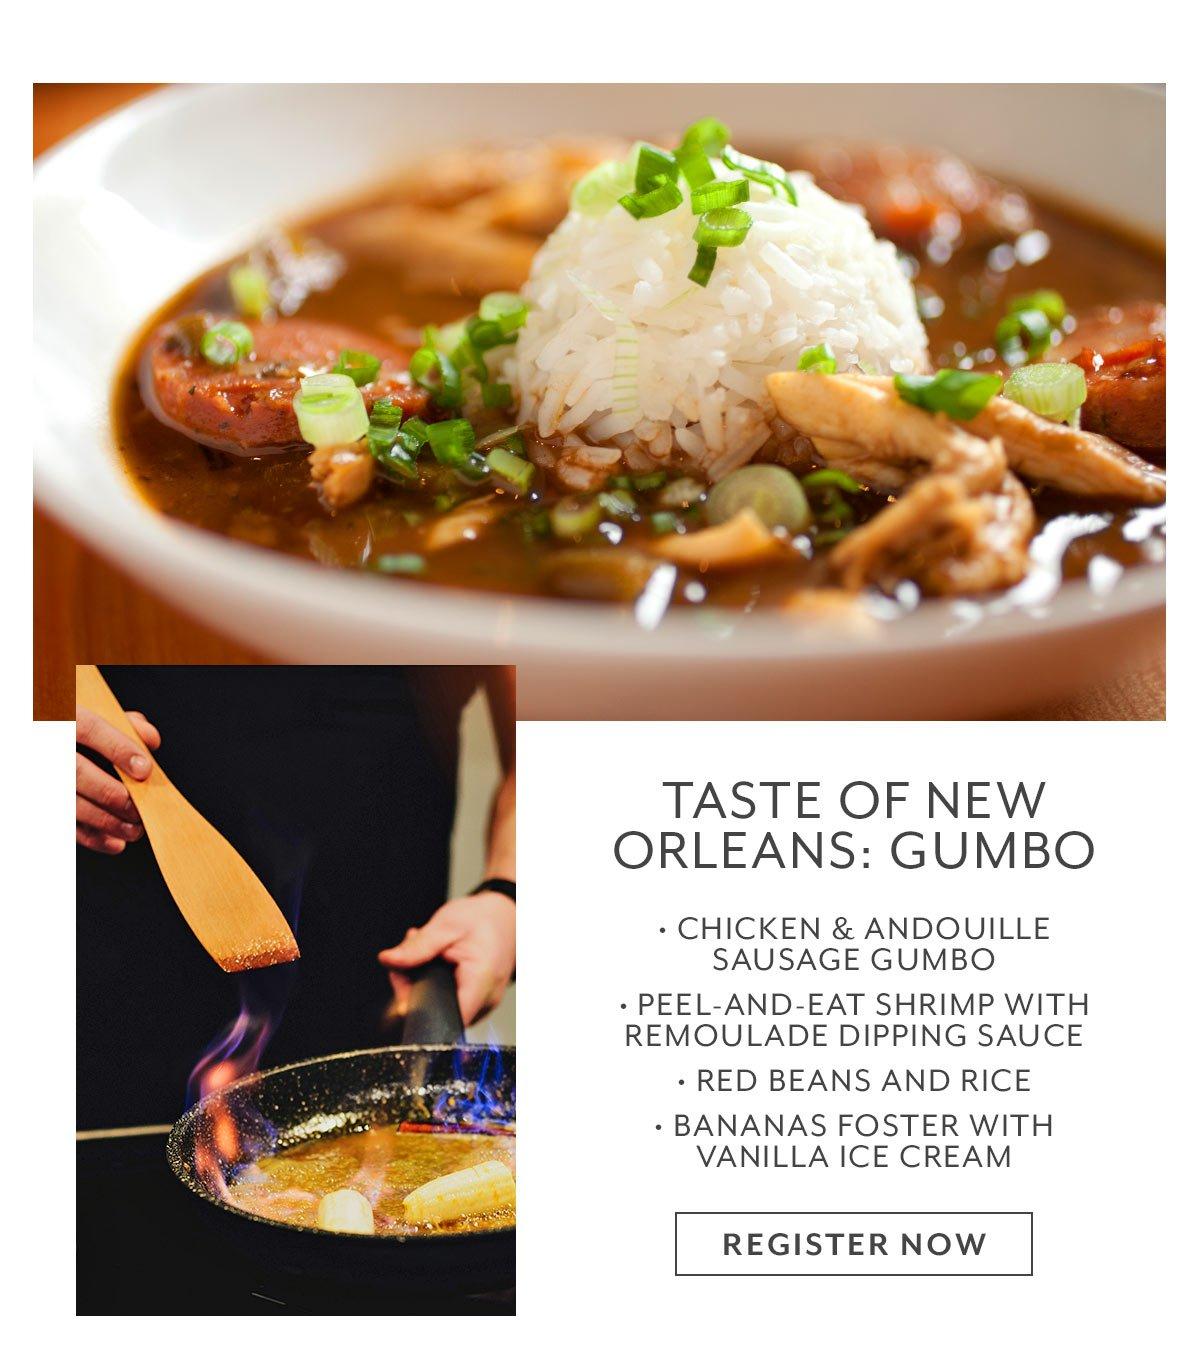 Class: Taste of New Orleans • Gumbo